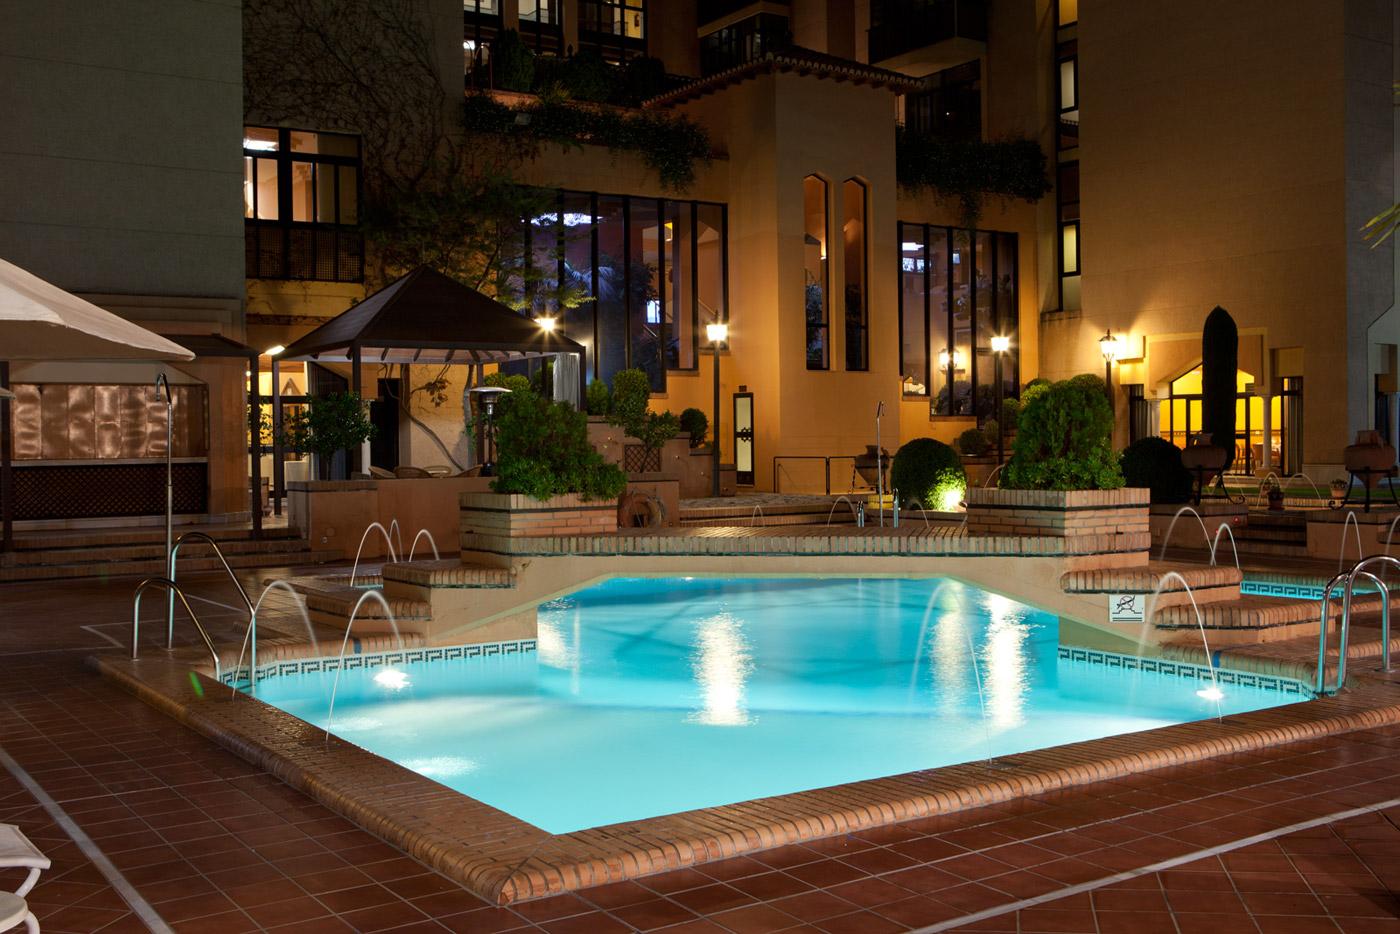 las 10 mejores piscinas de hotel espa olas